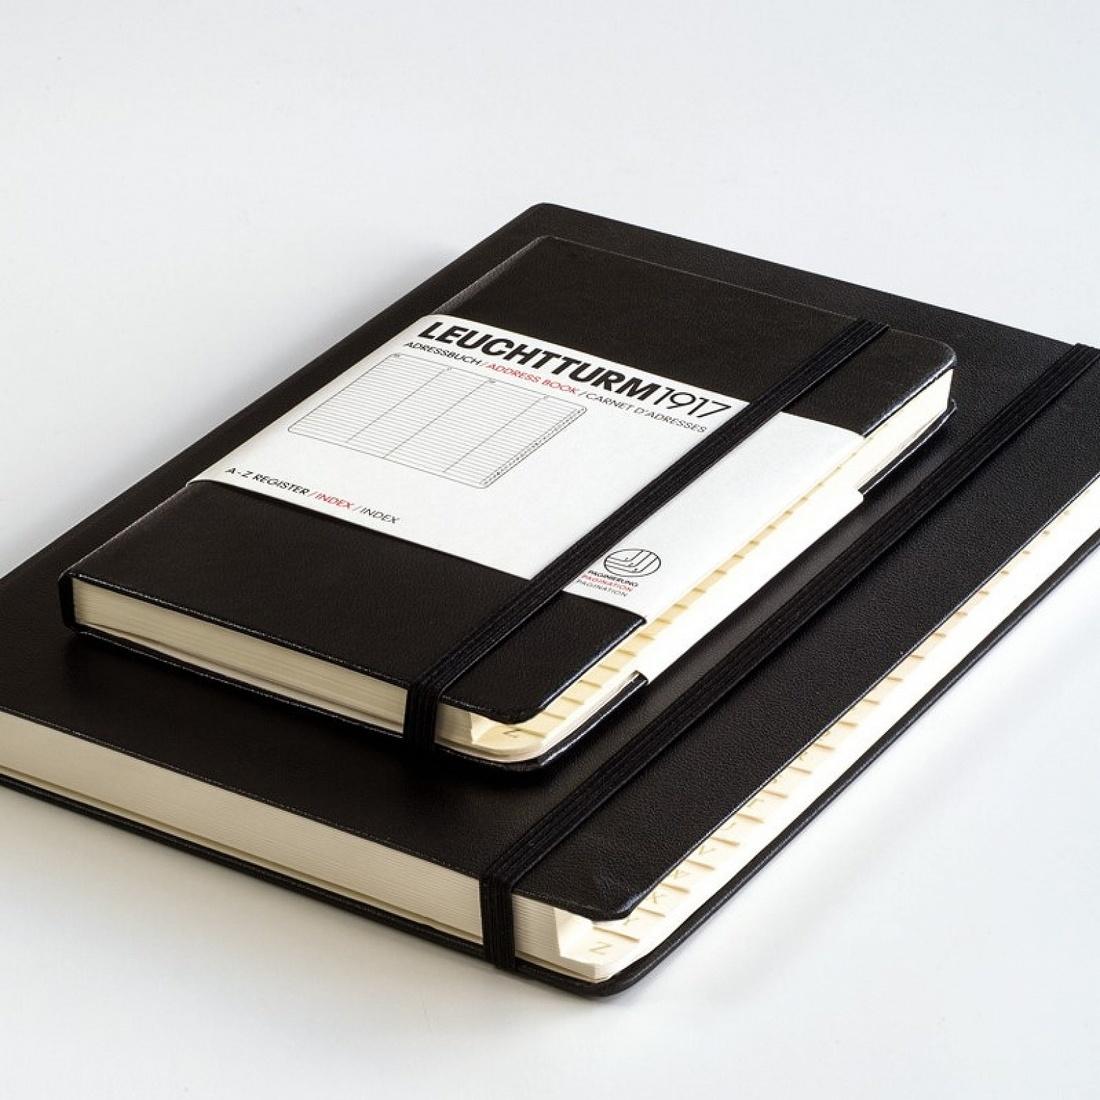 Leuchttrum1917 Address Book w/ Alphabetical Registar - Pocket Size